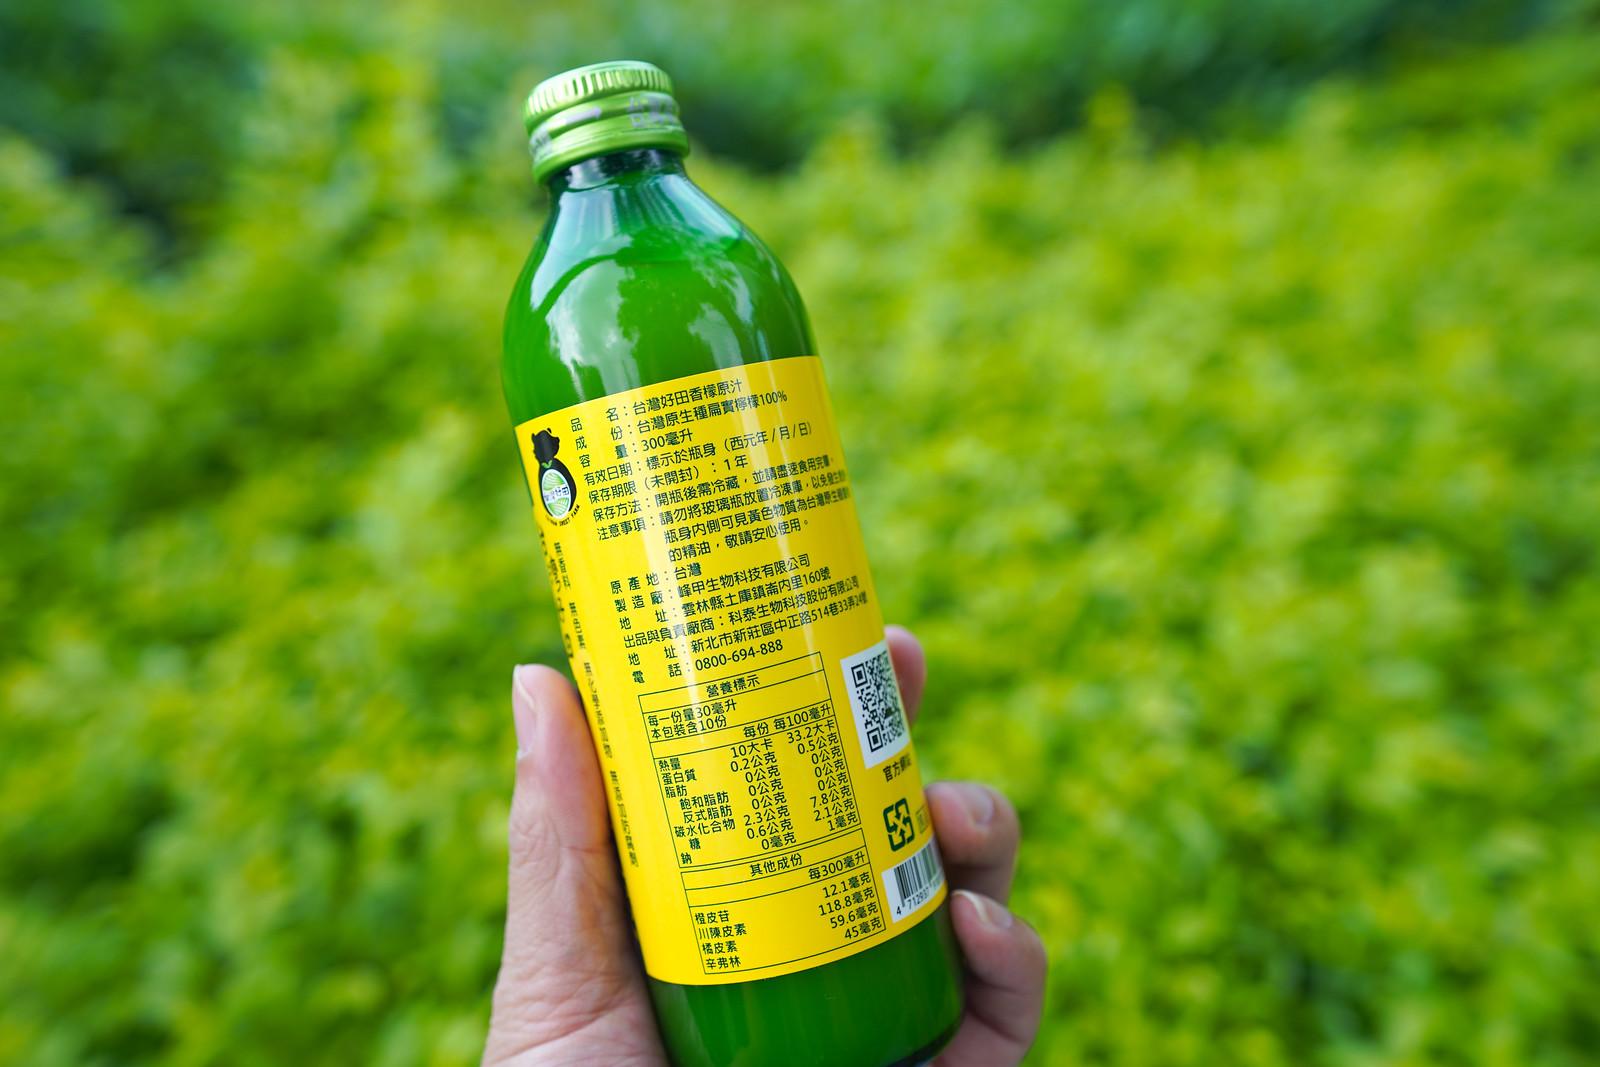 台灣好田-香檬原汁 規格說明